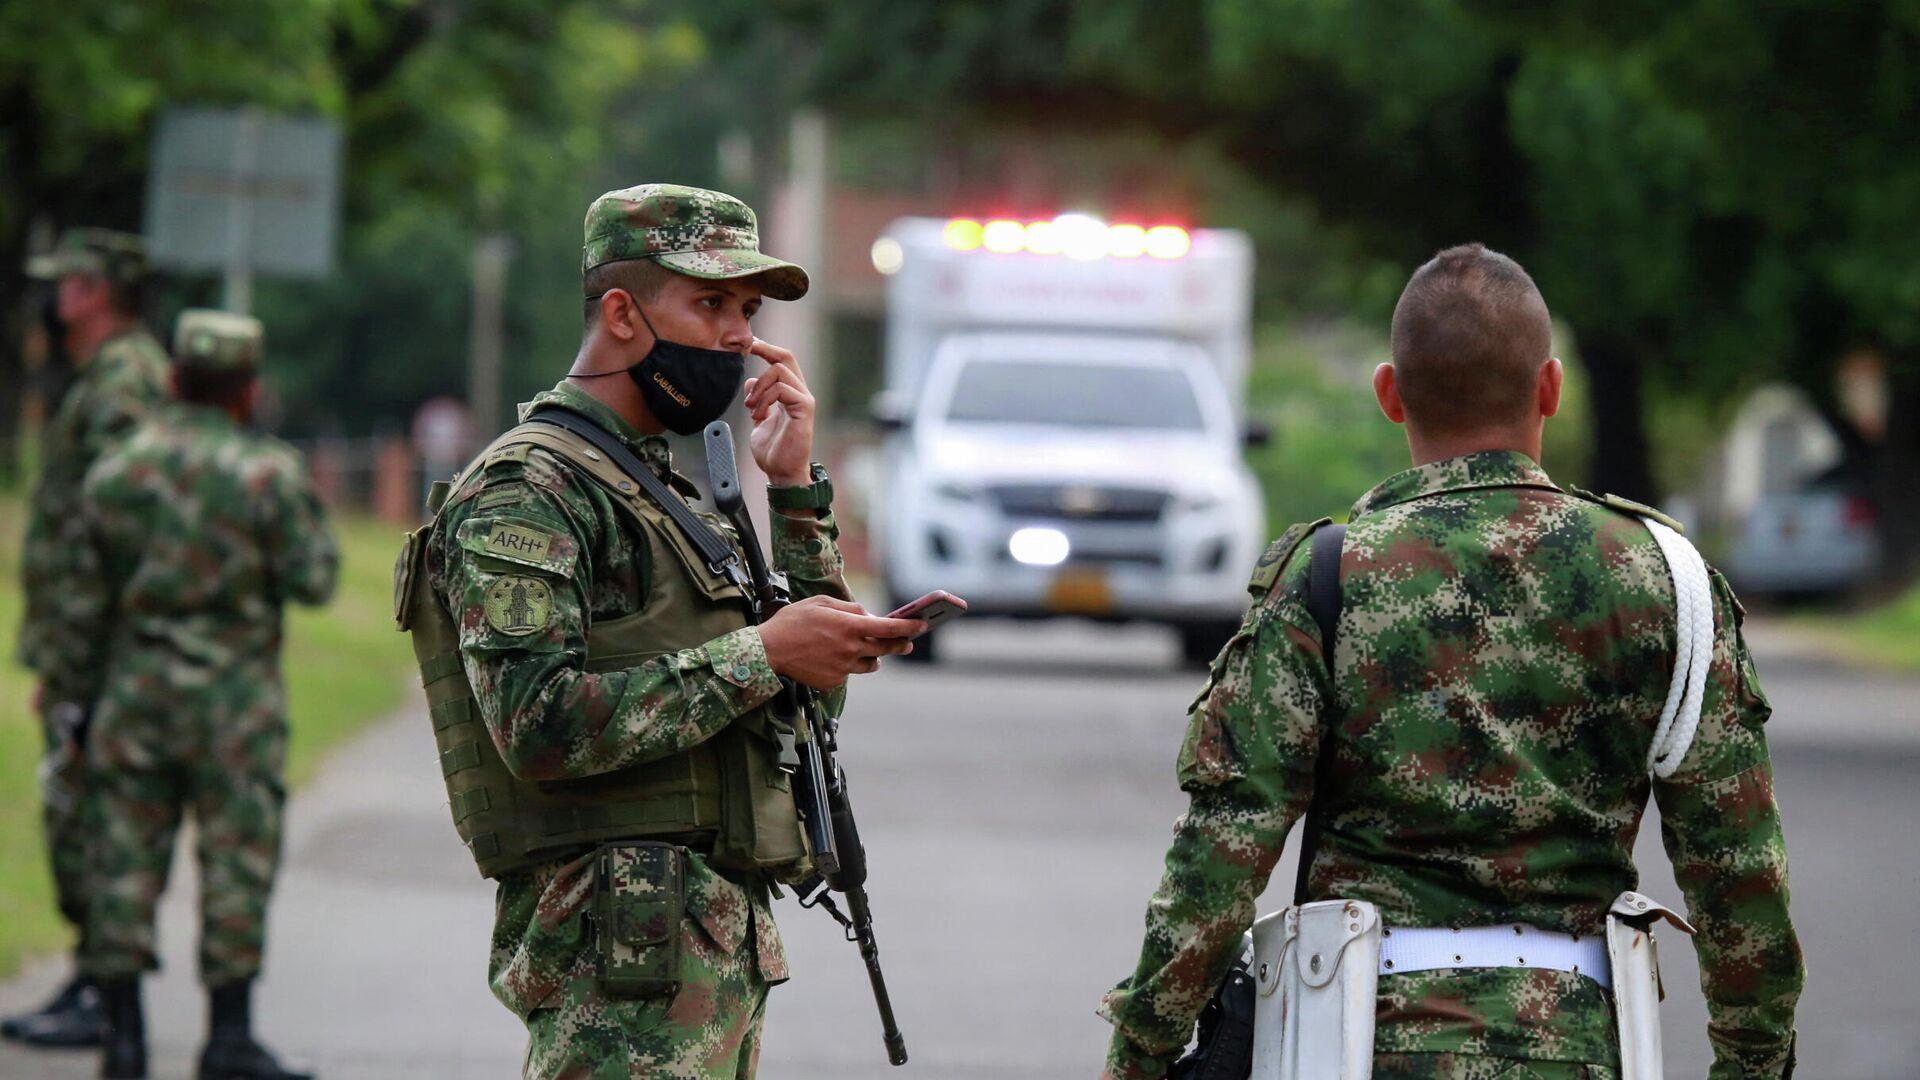 Soldados patrullan la entrada a la base militar de Cucuta (Colombia), el 15 de junio del 2021 - Sputnik Mundo, 1920, 16.06.2021